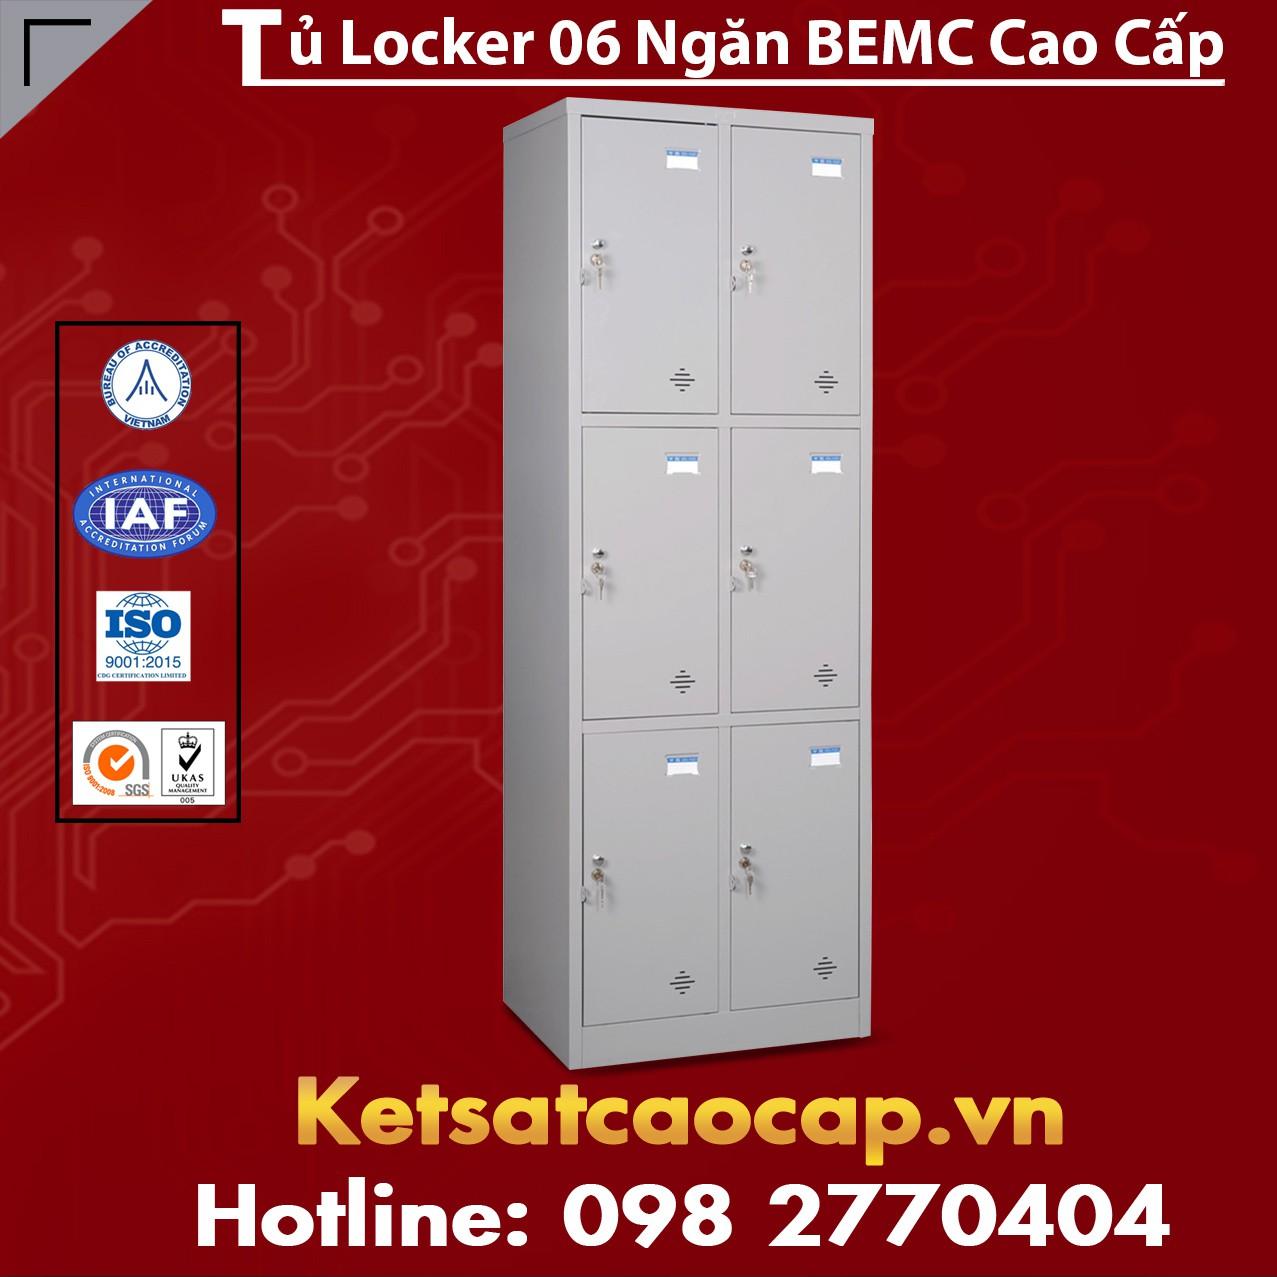 Tủ Locker BEMC 6 Ngăn